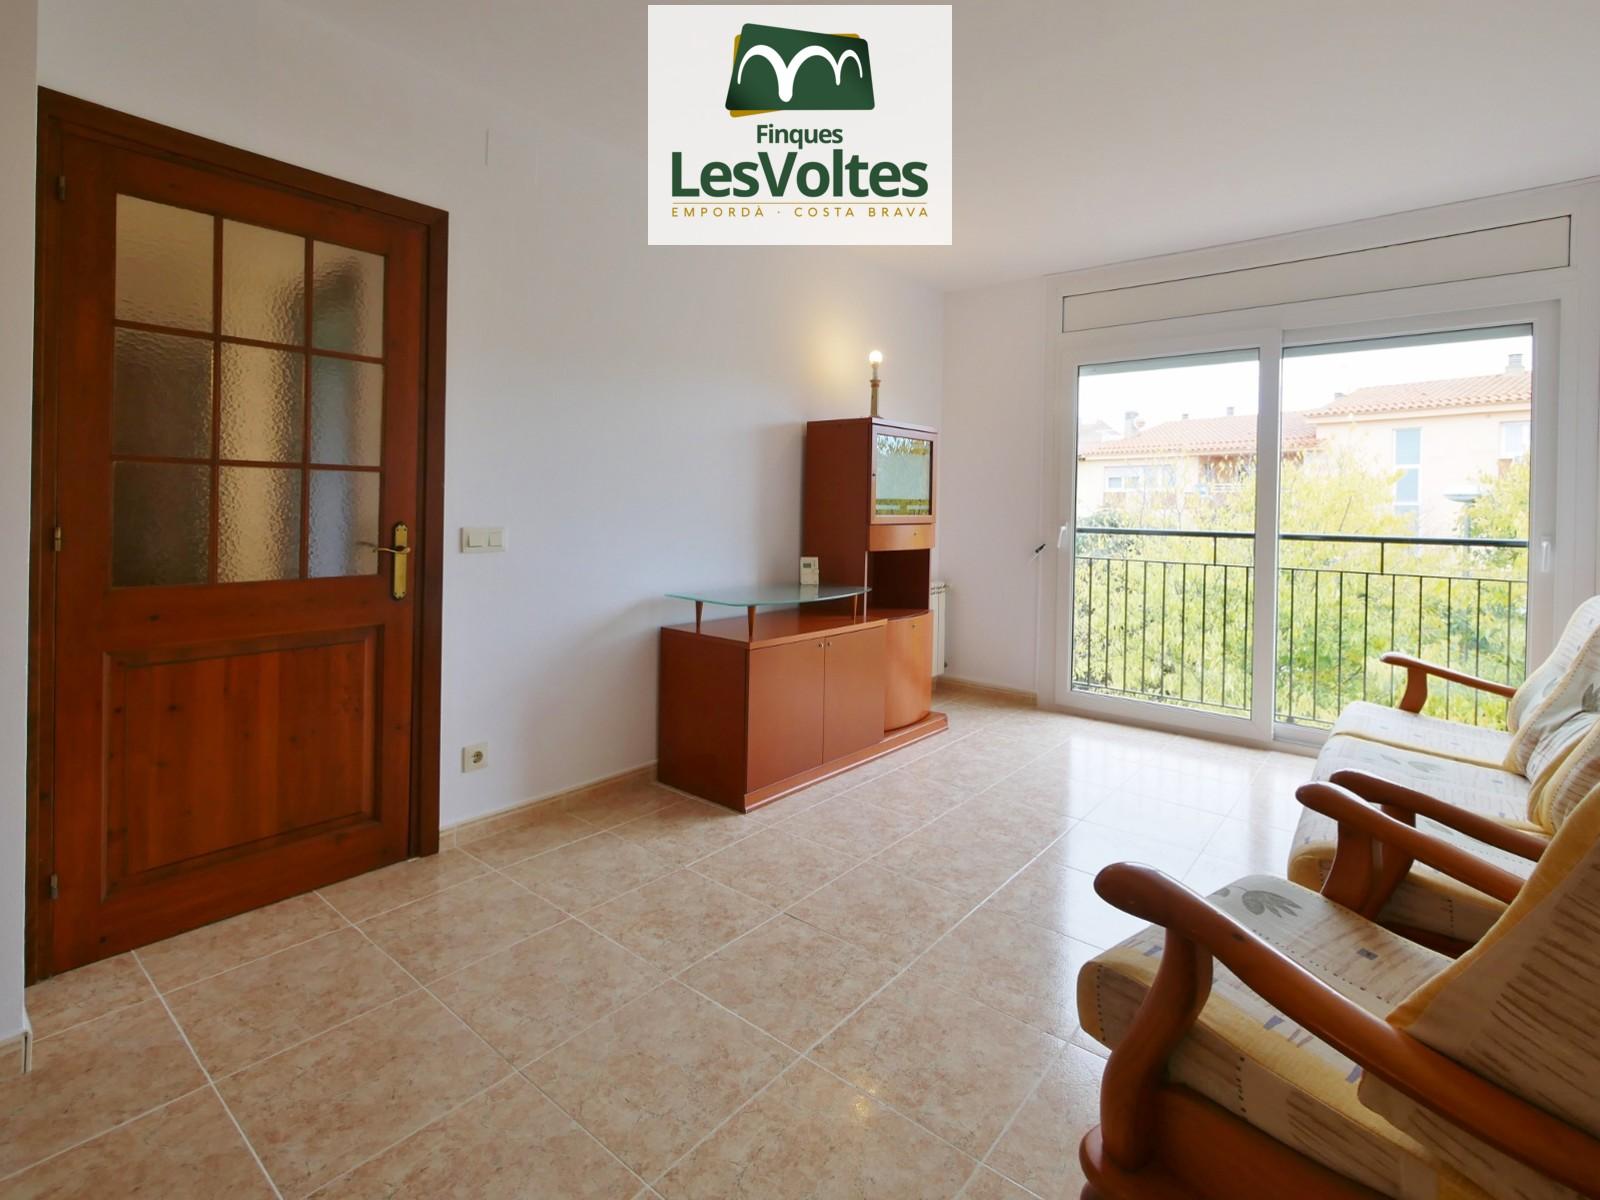 Magnífico piso de 3 habitaciones en venta en zona residencial muy tranquila al centro de Palafrugell.